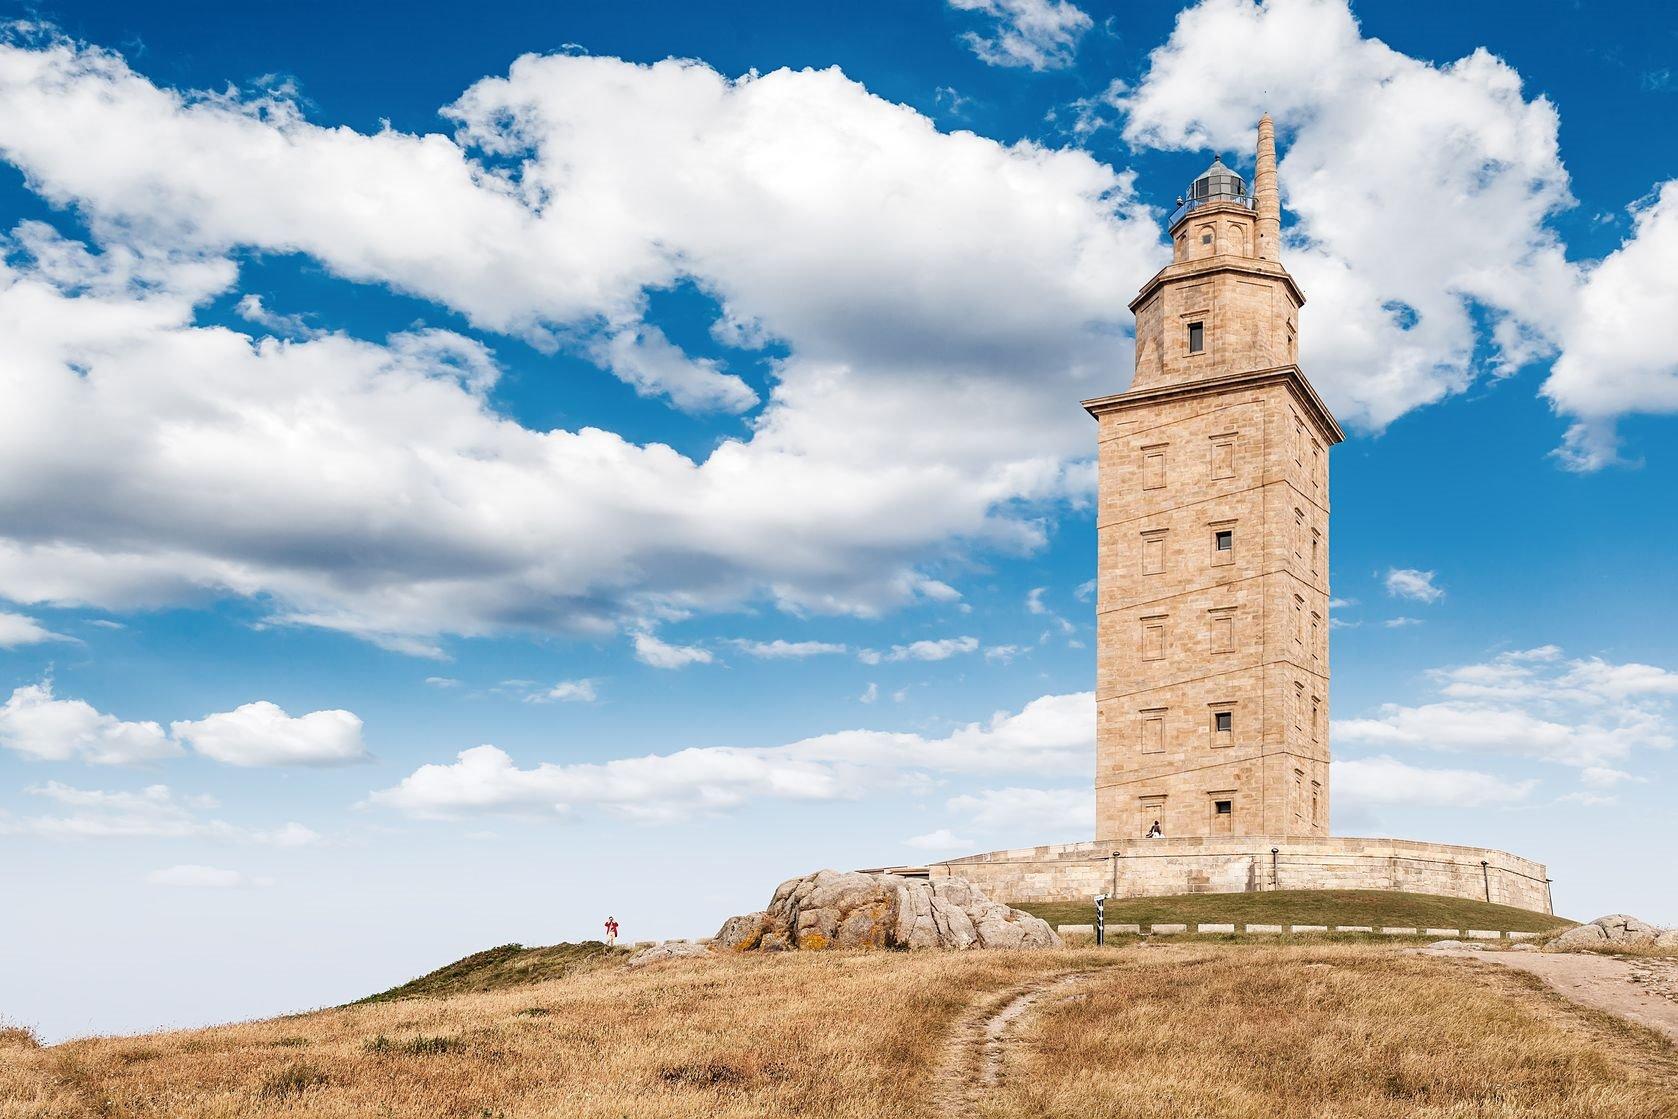 Torre de Hércules. Torre de Hércules